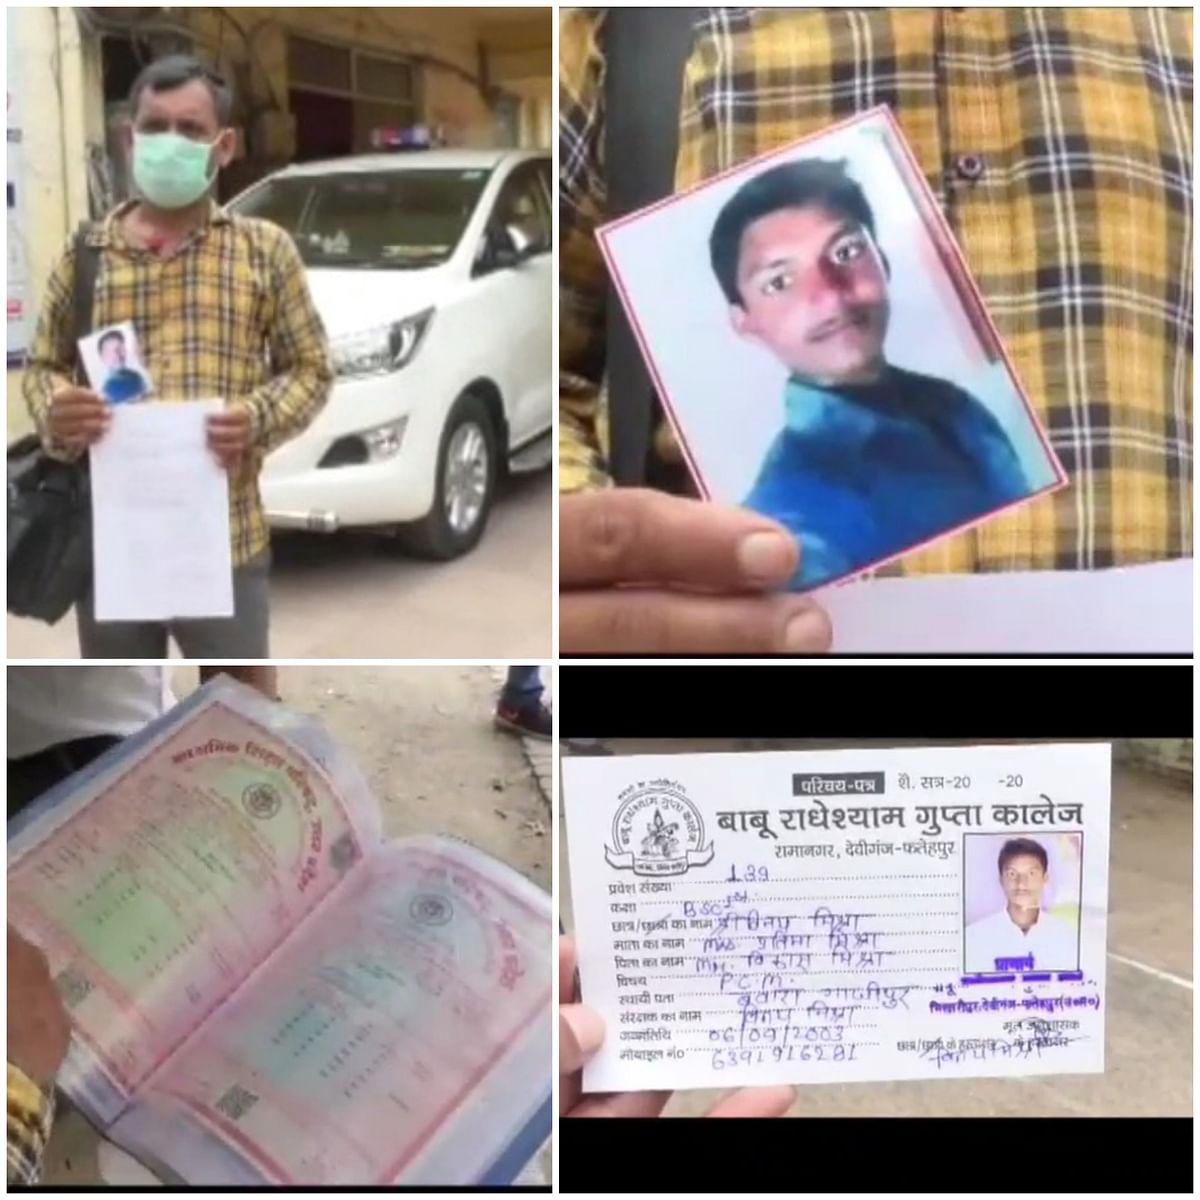 कानपुर : ग्यारह माह से लापता बेटे की तलाश में दर-दर भटक रहा पिता